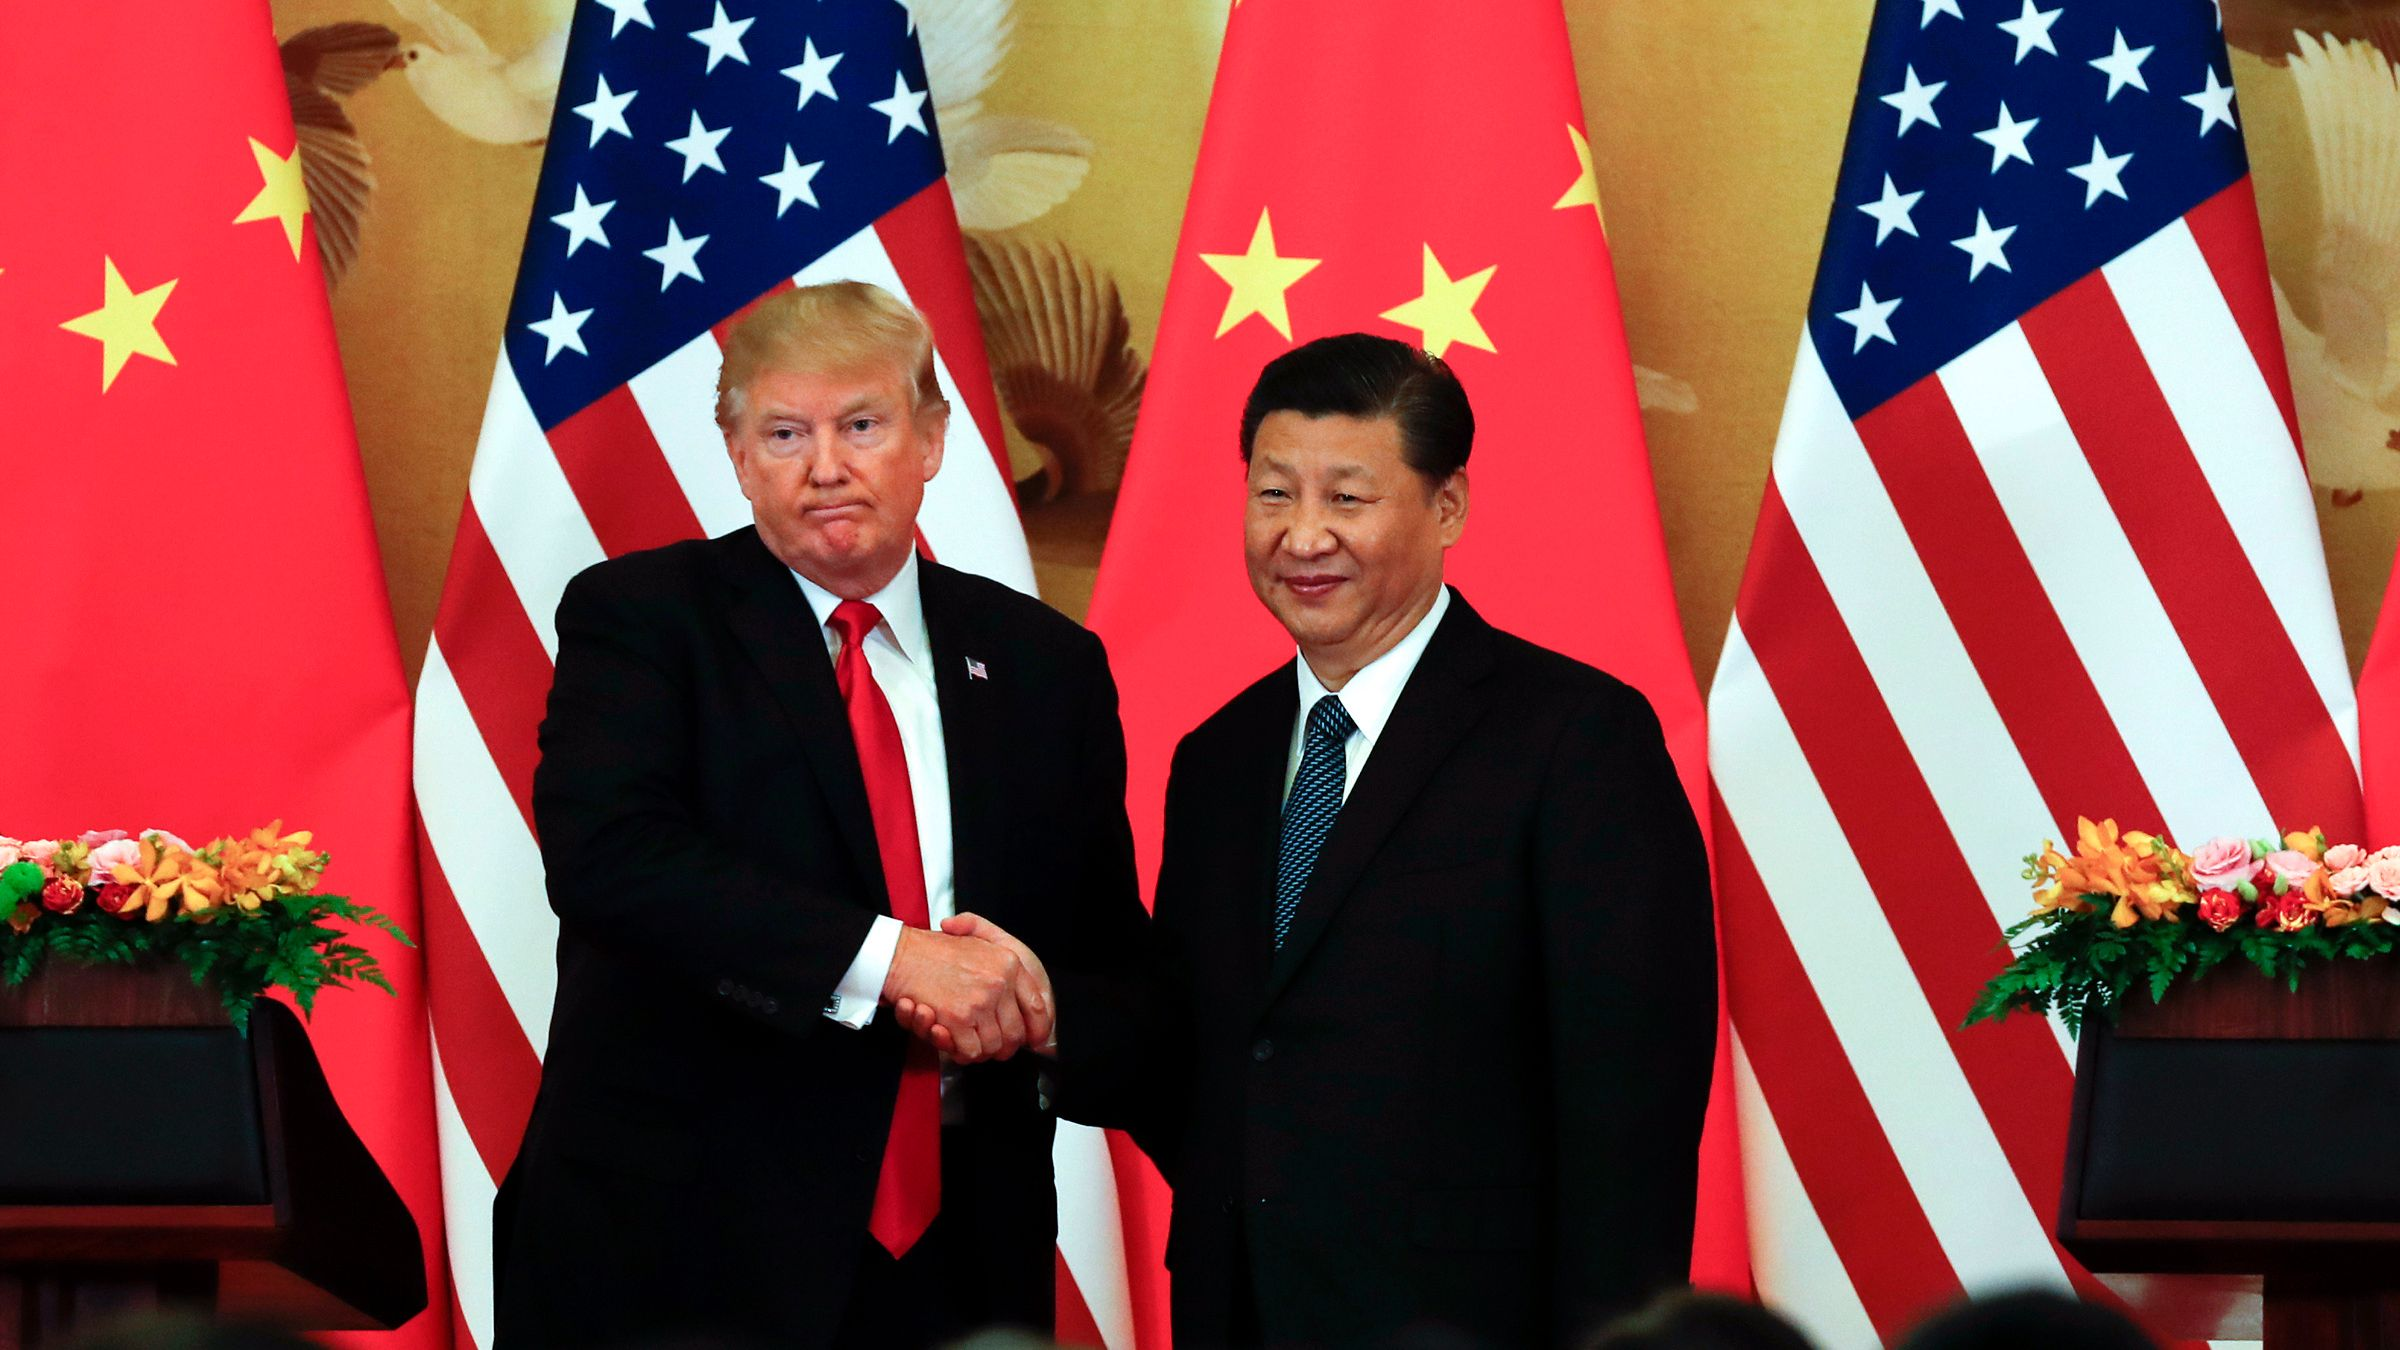 К концу 2018 года США оценивали свой торговый дефицит с Китаем в $375 млрд